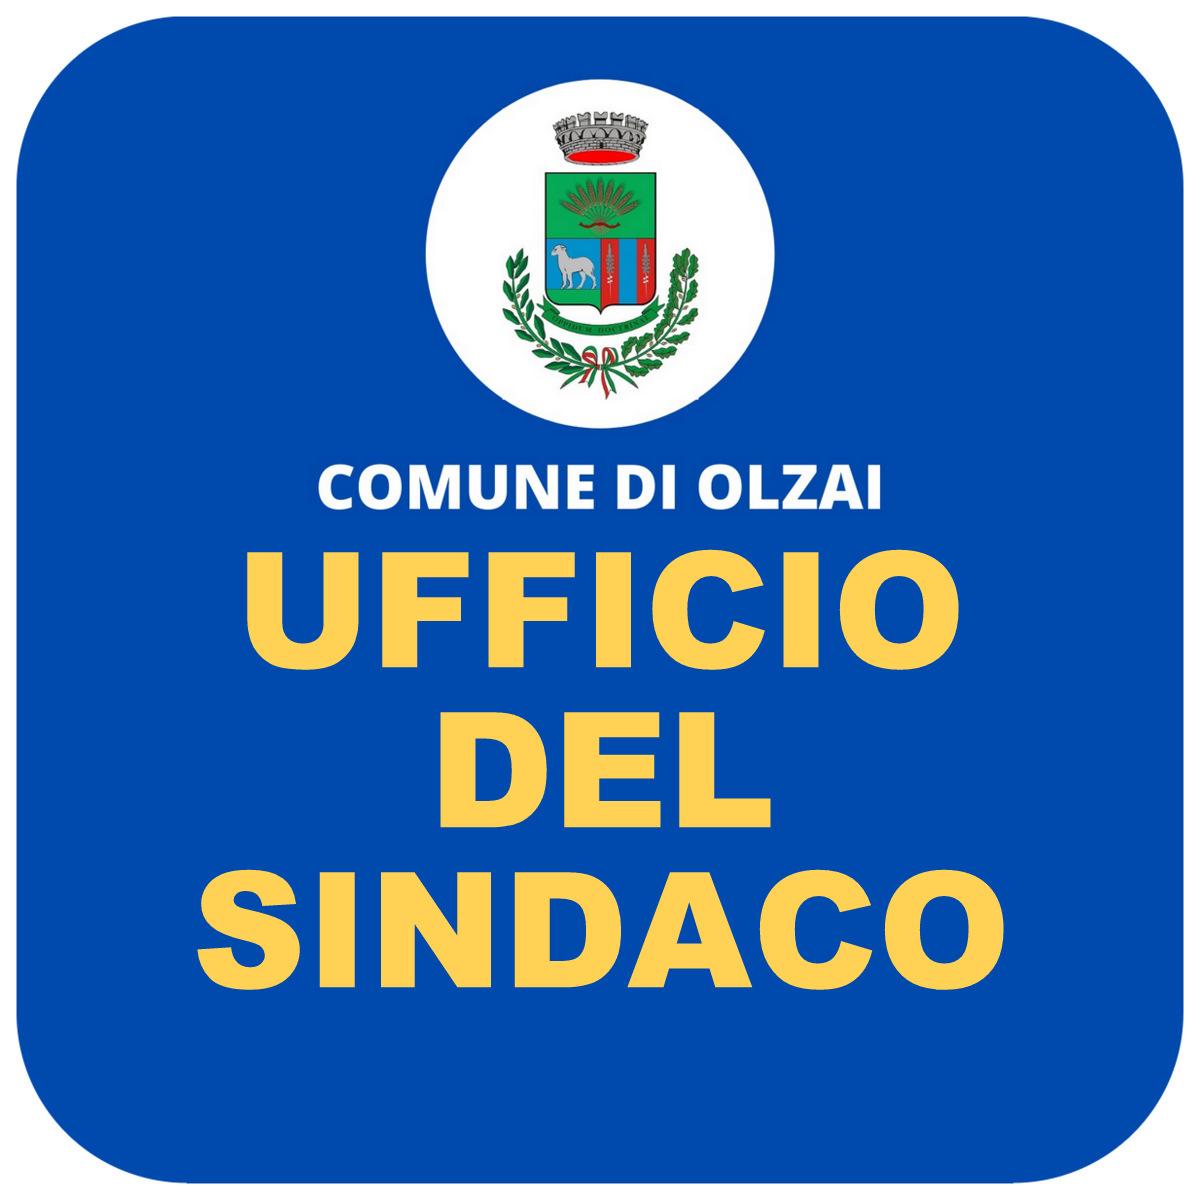 ORDINANZA SINDACO N 08 - RIAPERTURA AL PUBBLICO MUNICIPIO